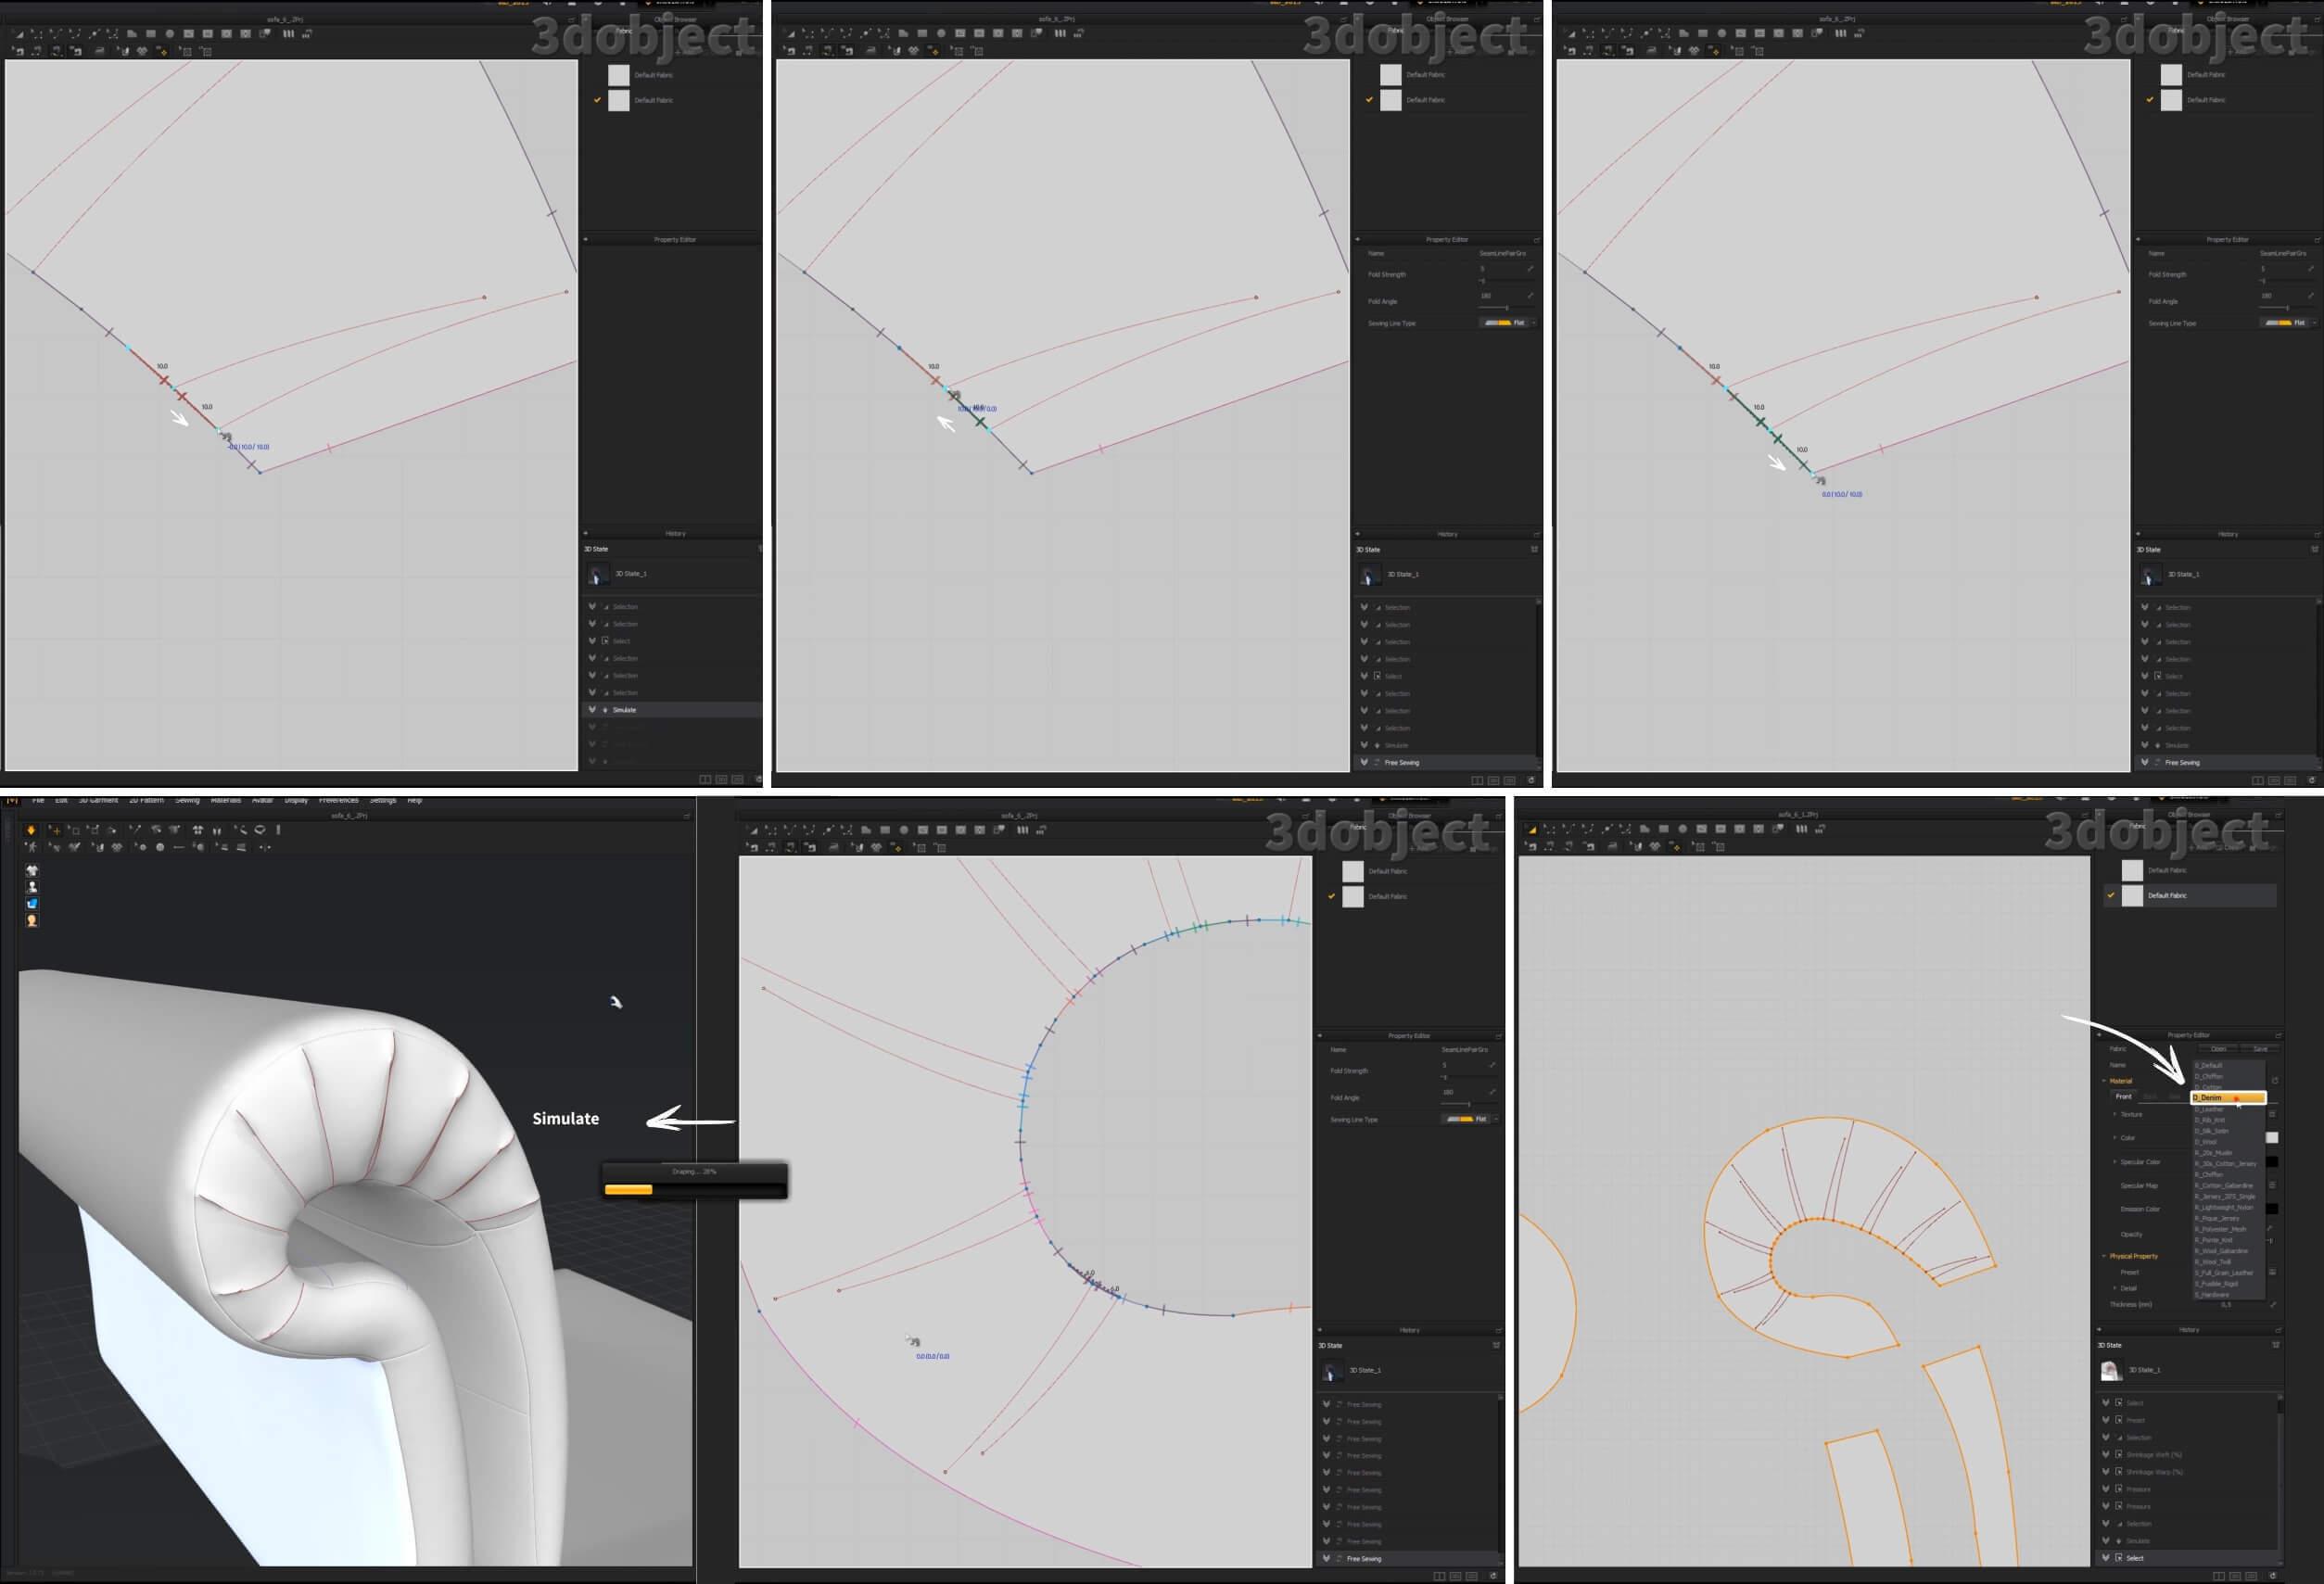 3d моделирование складок на подлокотнике дивана в Marvelous Designer